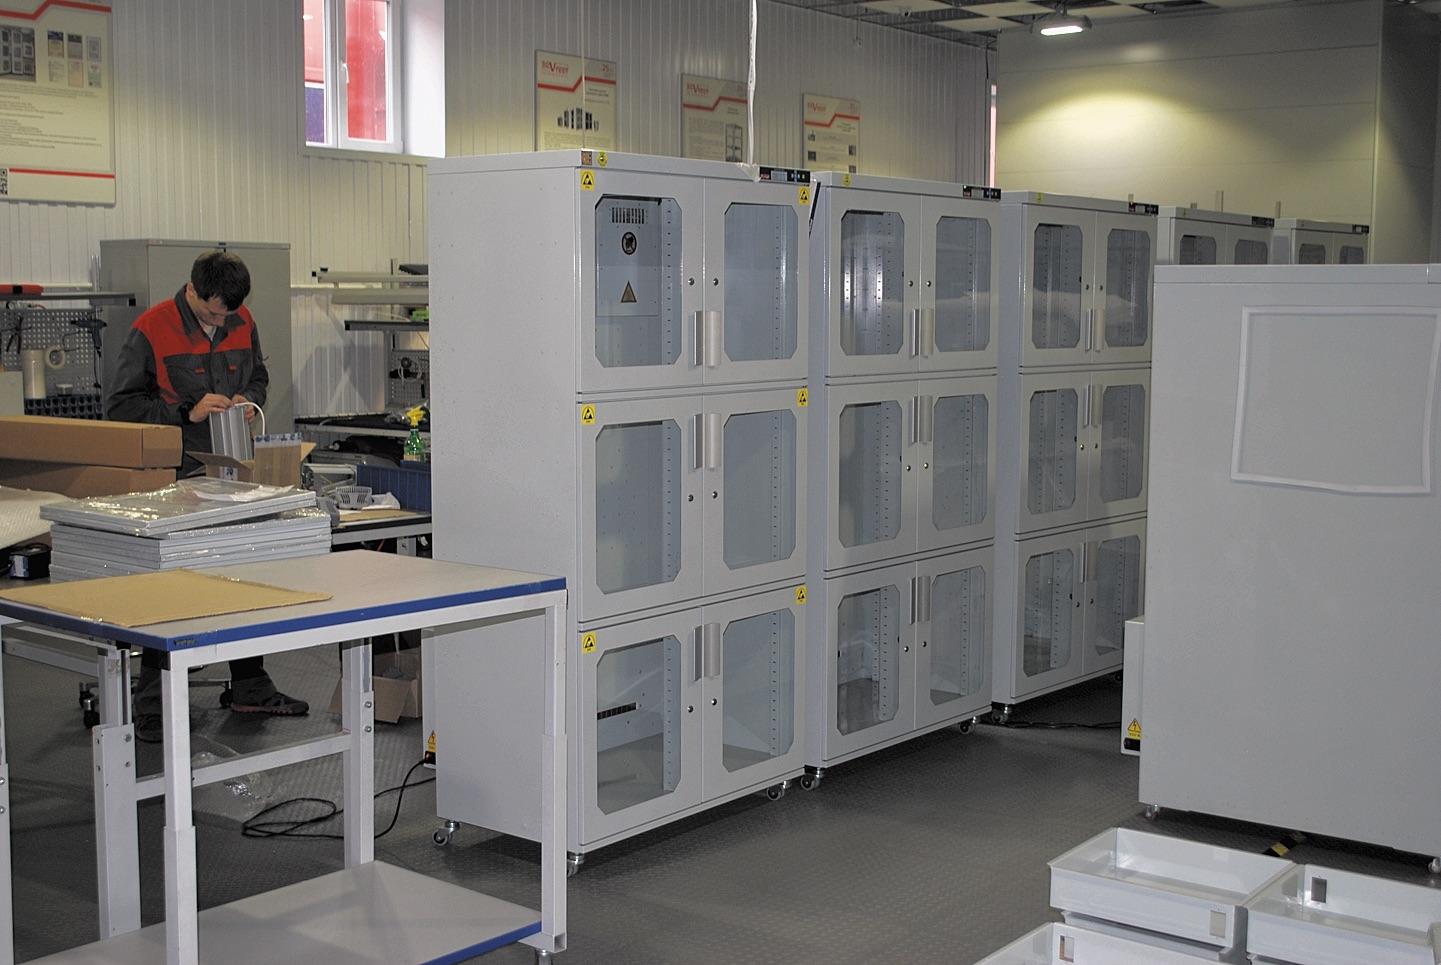 Шкафы сухого хранения предназначены для хранения и защиты от влаги радиоэлементов, печатных плат, электронных блоков и других изделий, относящихся не только к электронной, но и к химической промышленности, включая фарминдустрию